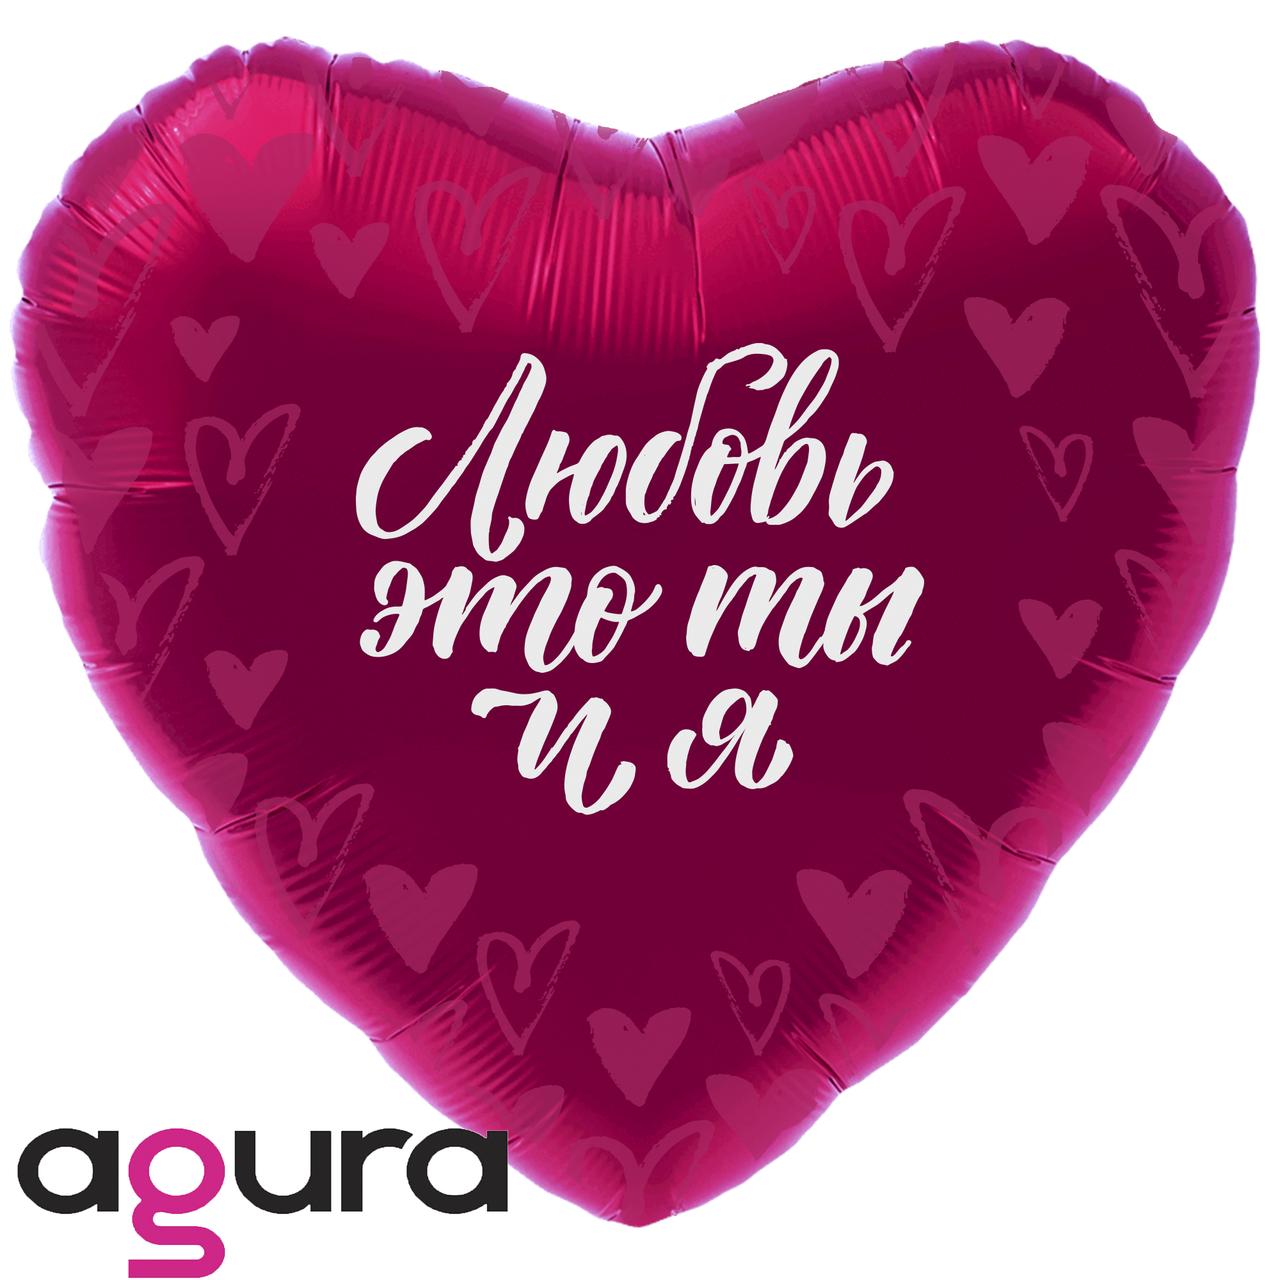 Фольгированный шар 19' Agura (Агура) Любовь это ты и я, 49см